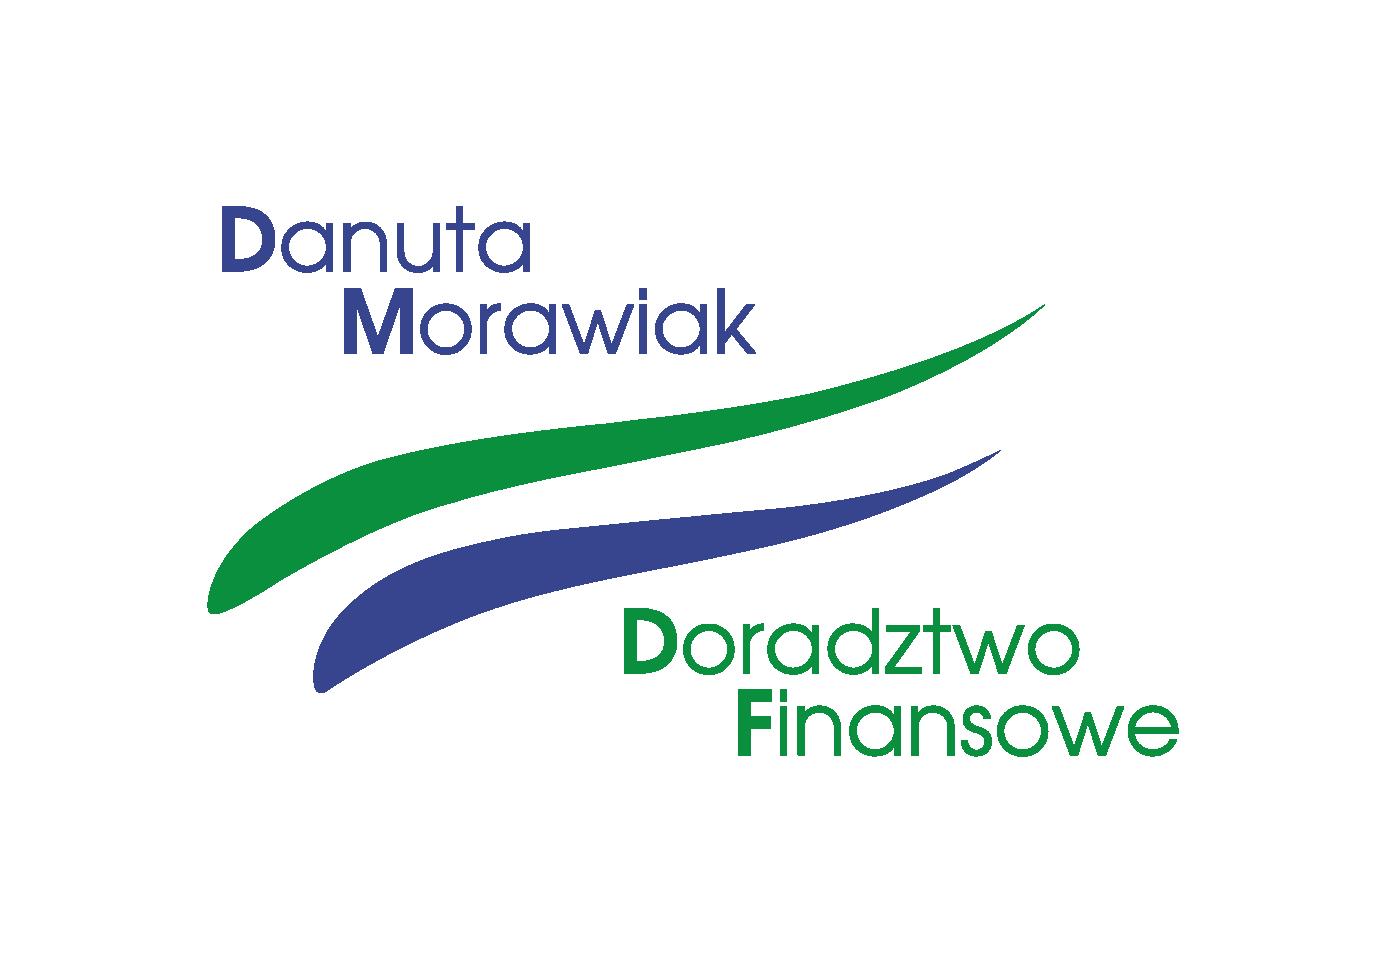 Danuta Morawiak